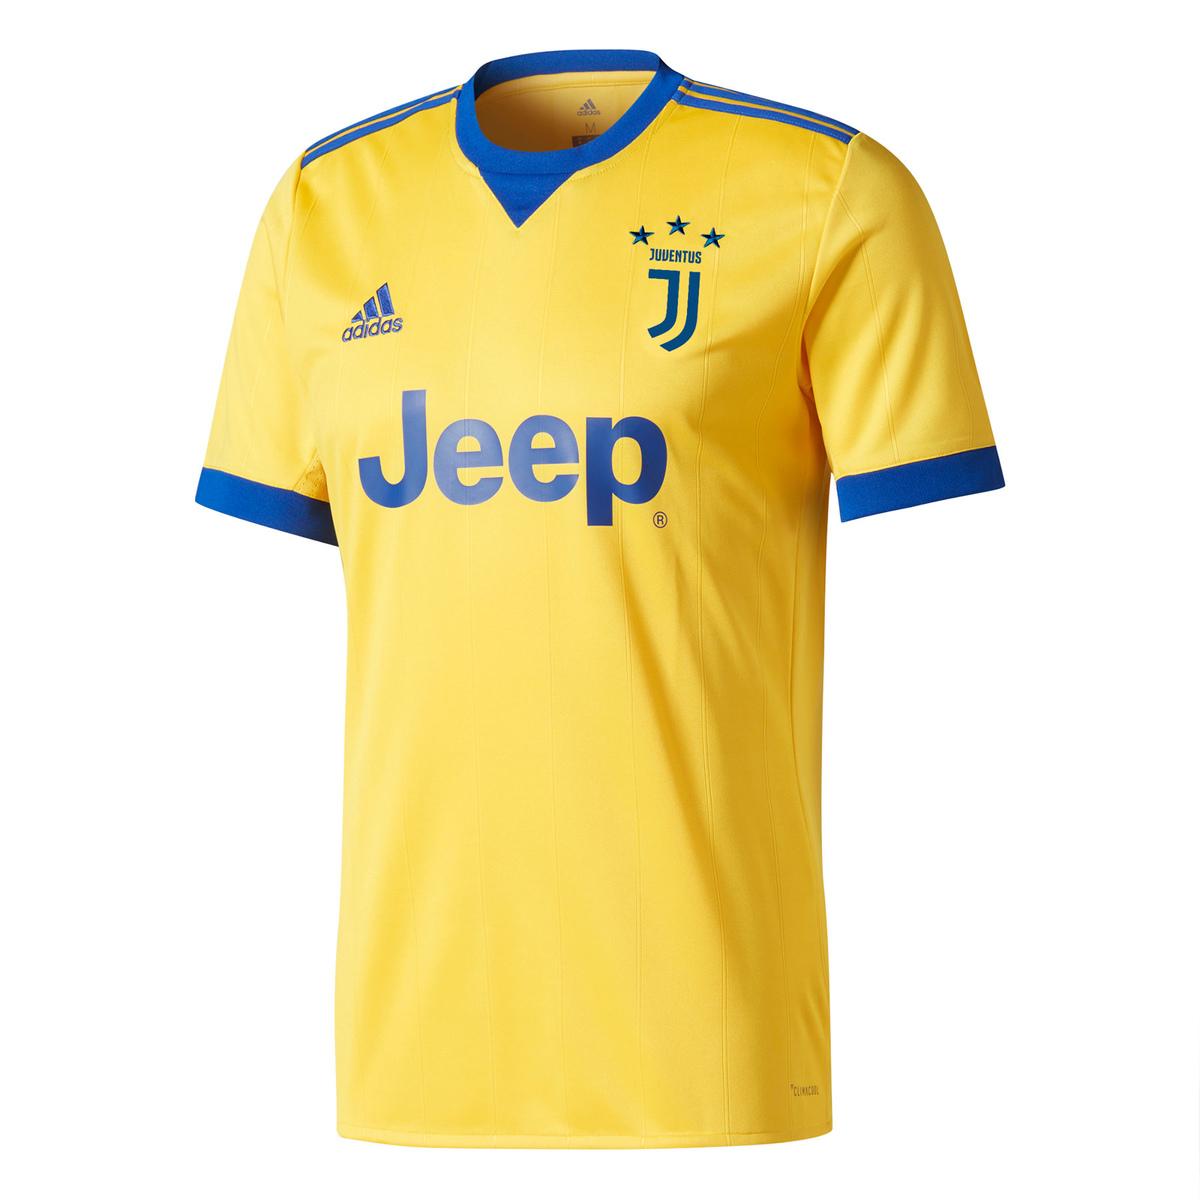 Seconda maglia Juventus 2017/2018